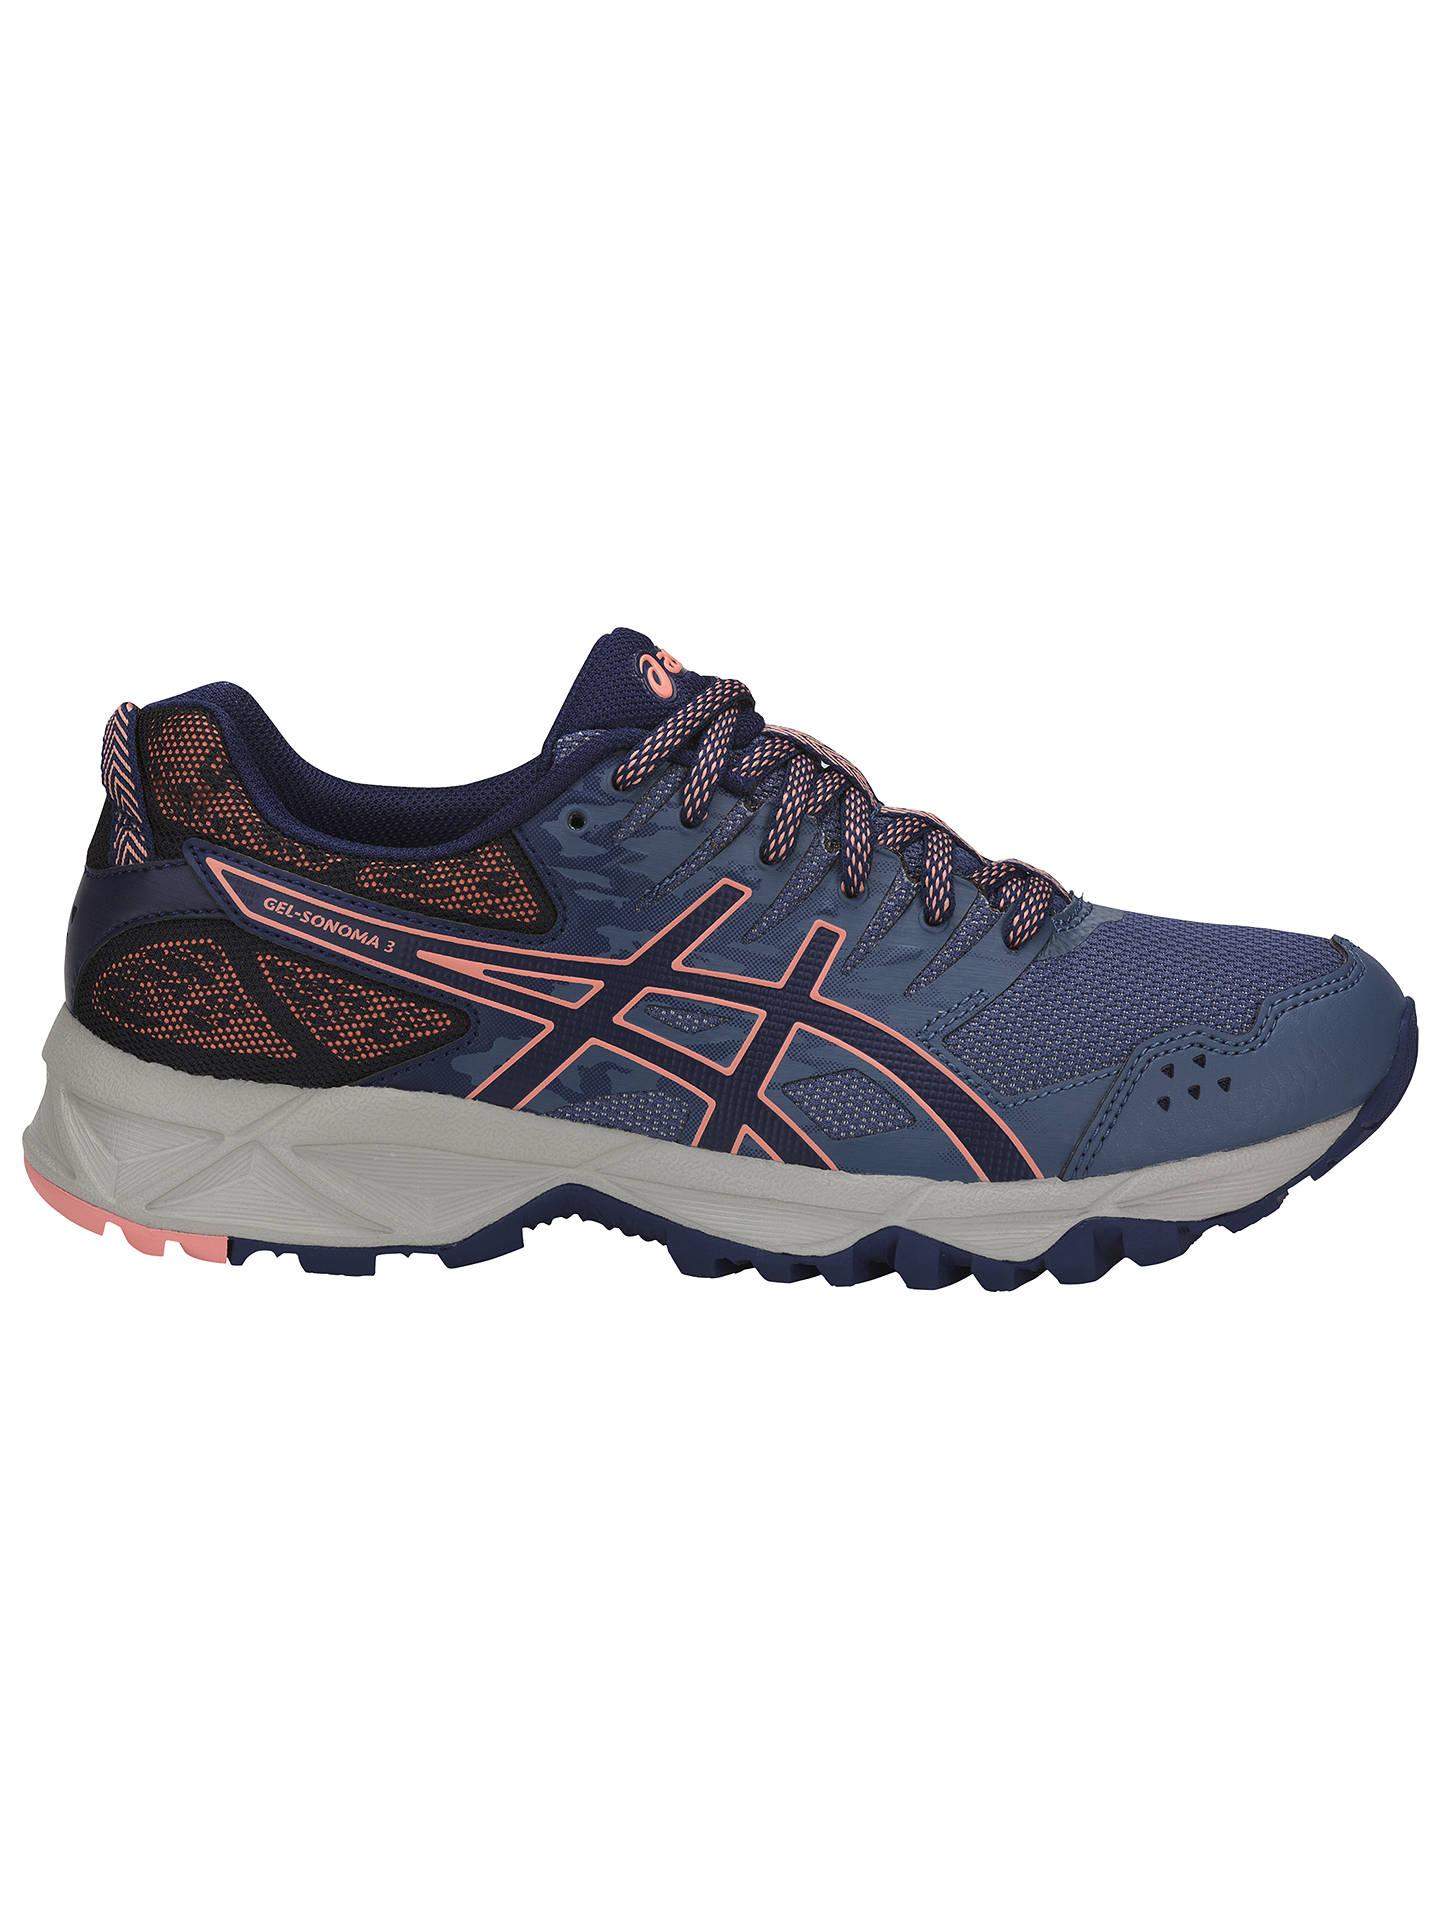 8d3e1c429db Buy Asics GEL-SONOMA 3 Women s Trail Running Shoes